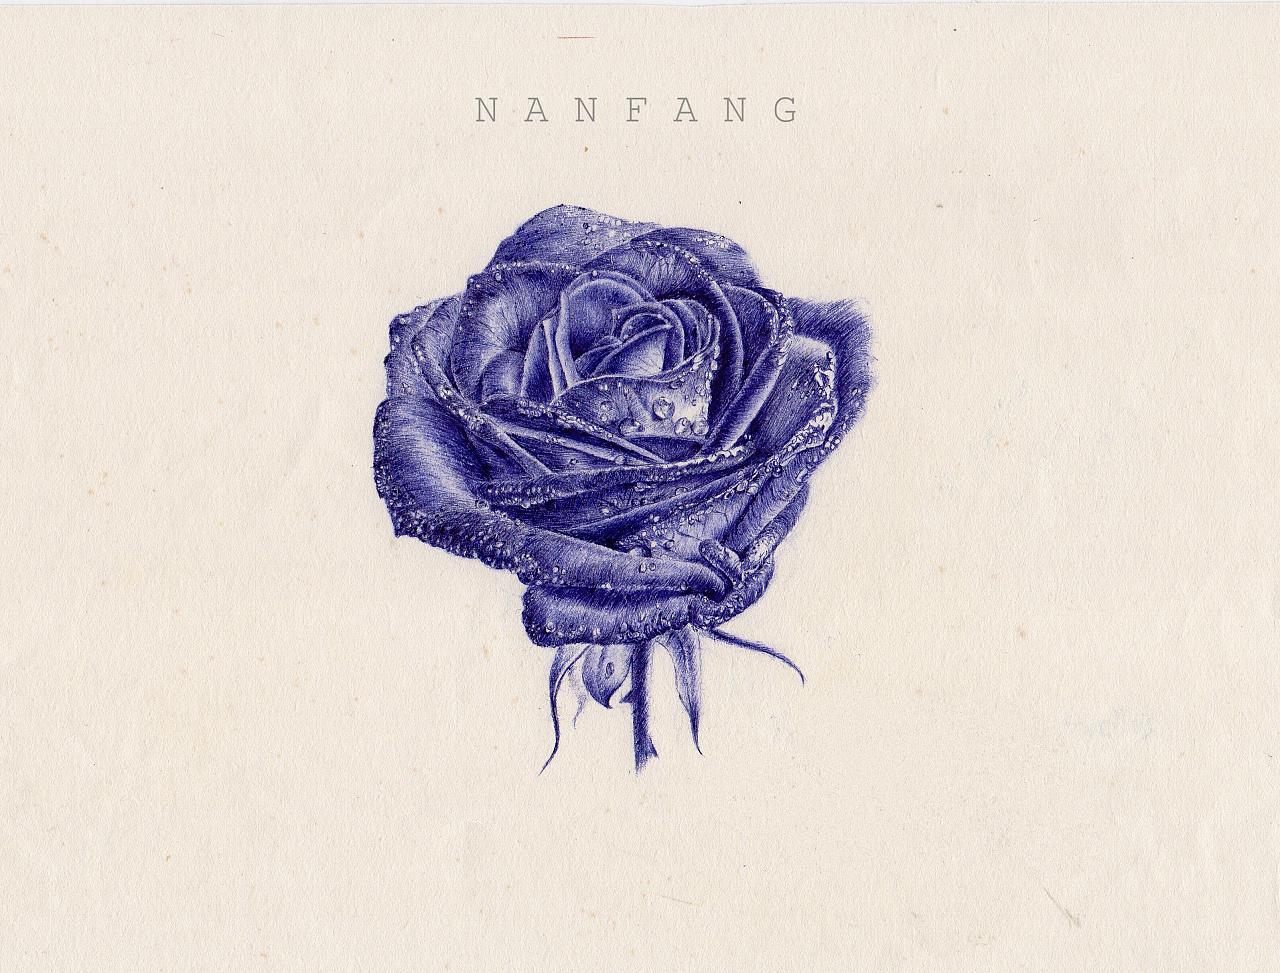 圆珠笔画一杯水,蓝玫瑰